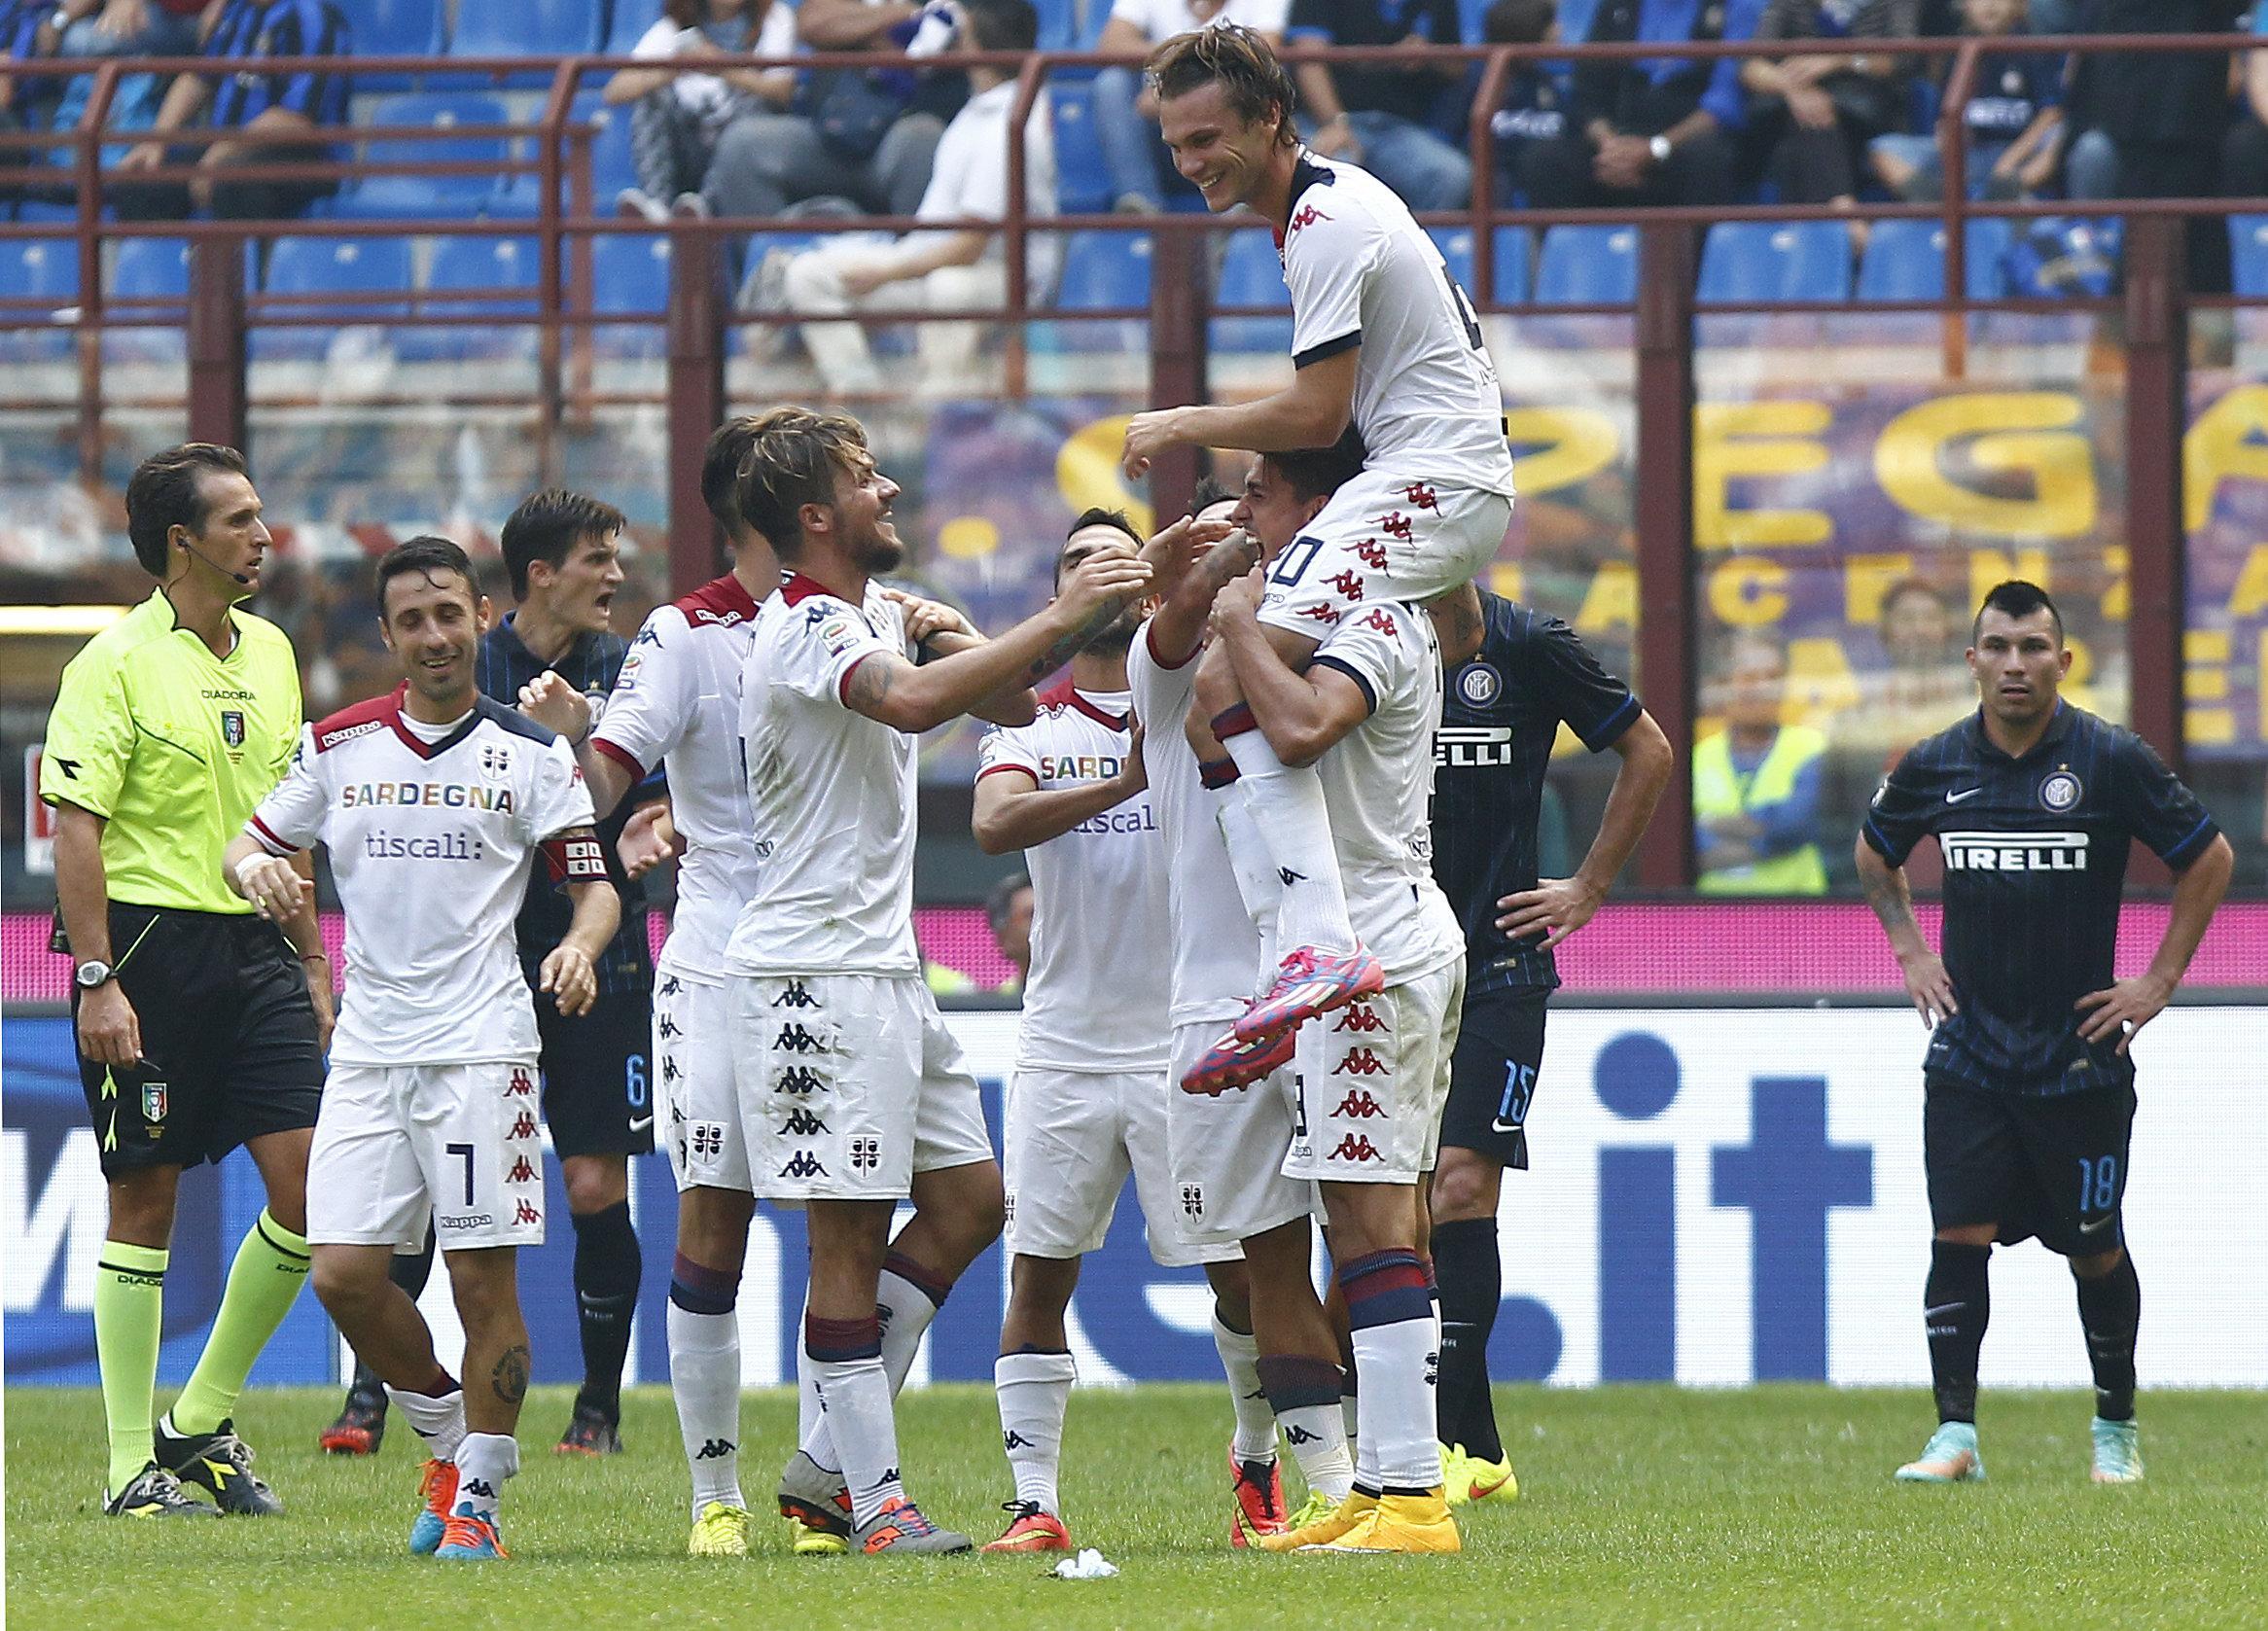 Serie A Diretta E Risultati Show Del Cagliari 1 4 Allinter Pareggiano Milan E Fiorentina